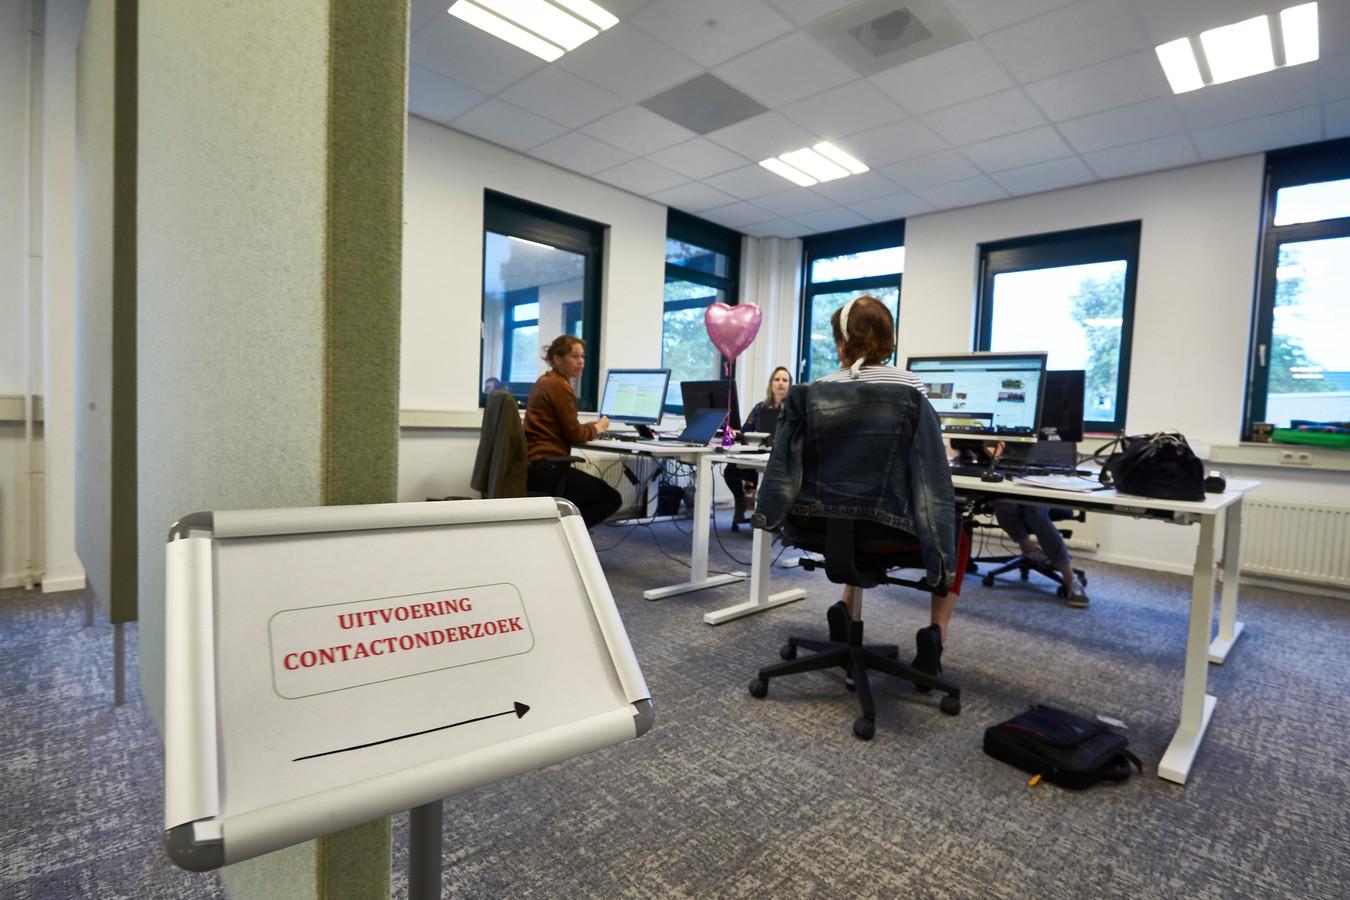 Medewerkers van de GGD Noord- en Oost-Gelderland doen bron- en contactonderzoek nadat iemand positief is getest op corona. Dit kan vijf tot acht uur per persoon in beslag nemen.